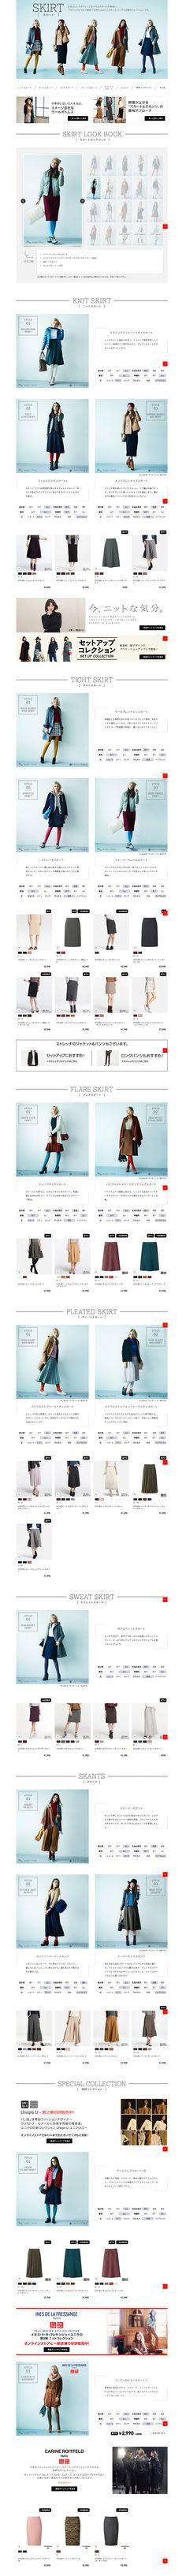 SKIRT【ファッション関連】のLPデザイン。WEBデザイナーさん必見!ランディングページのデザイン参考に(シンプル系)